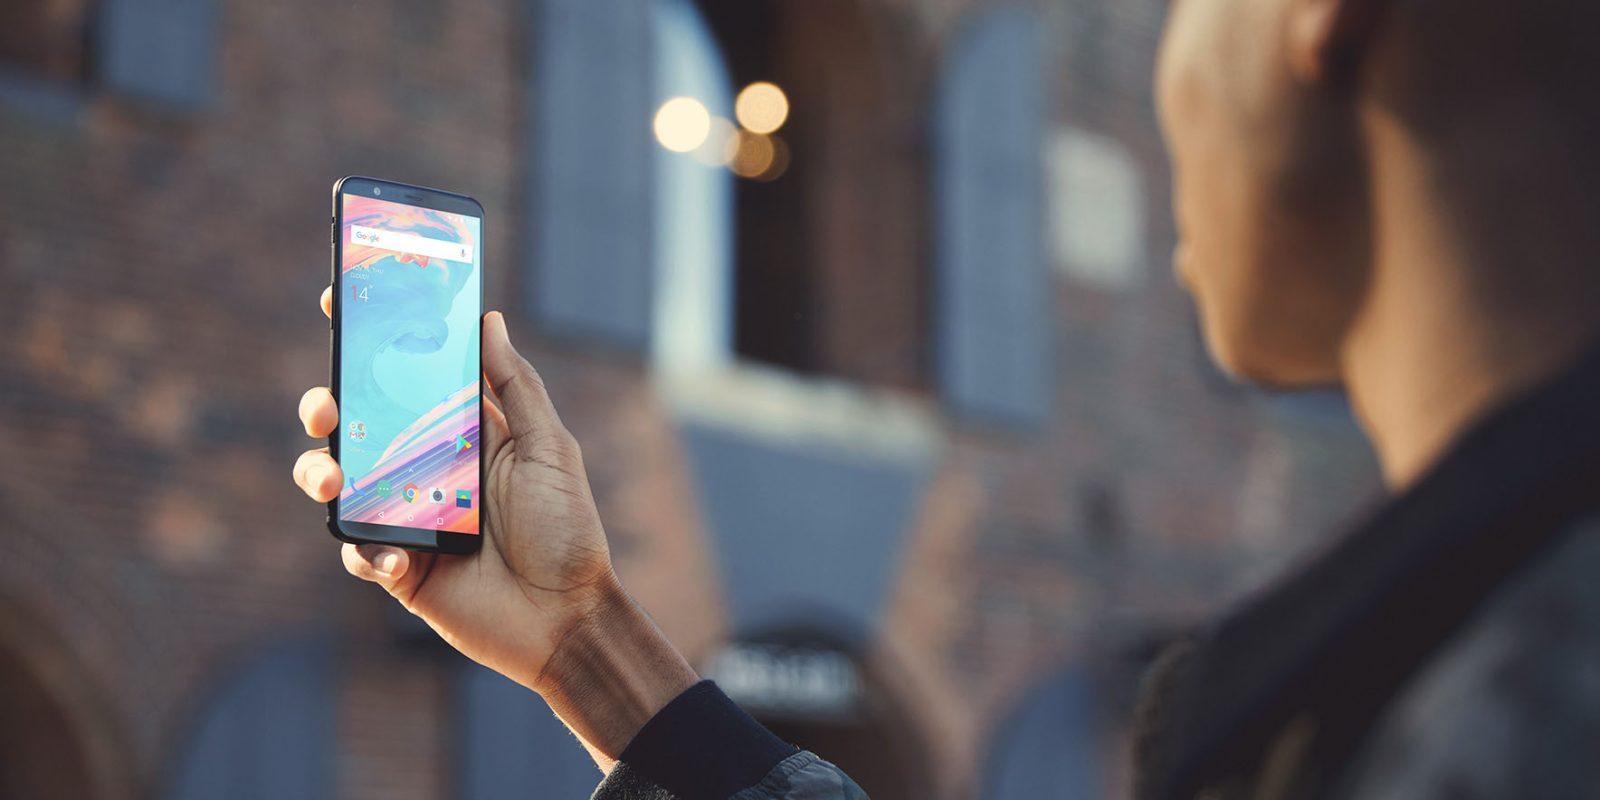 Confermato il Face Unlock per OnePlus 3 e 3T